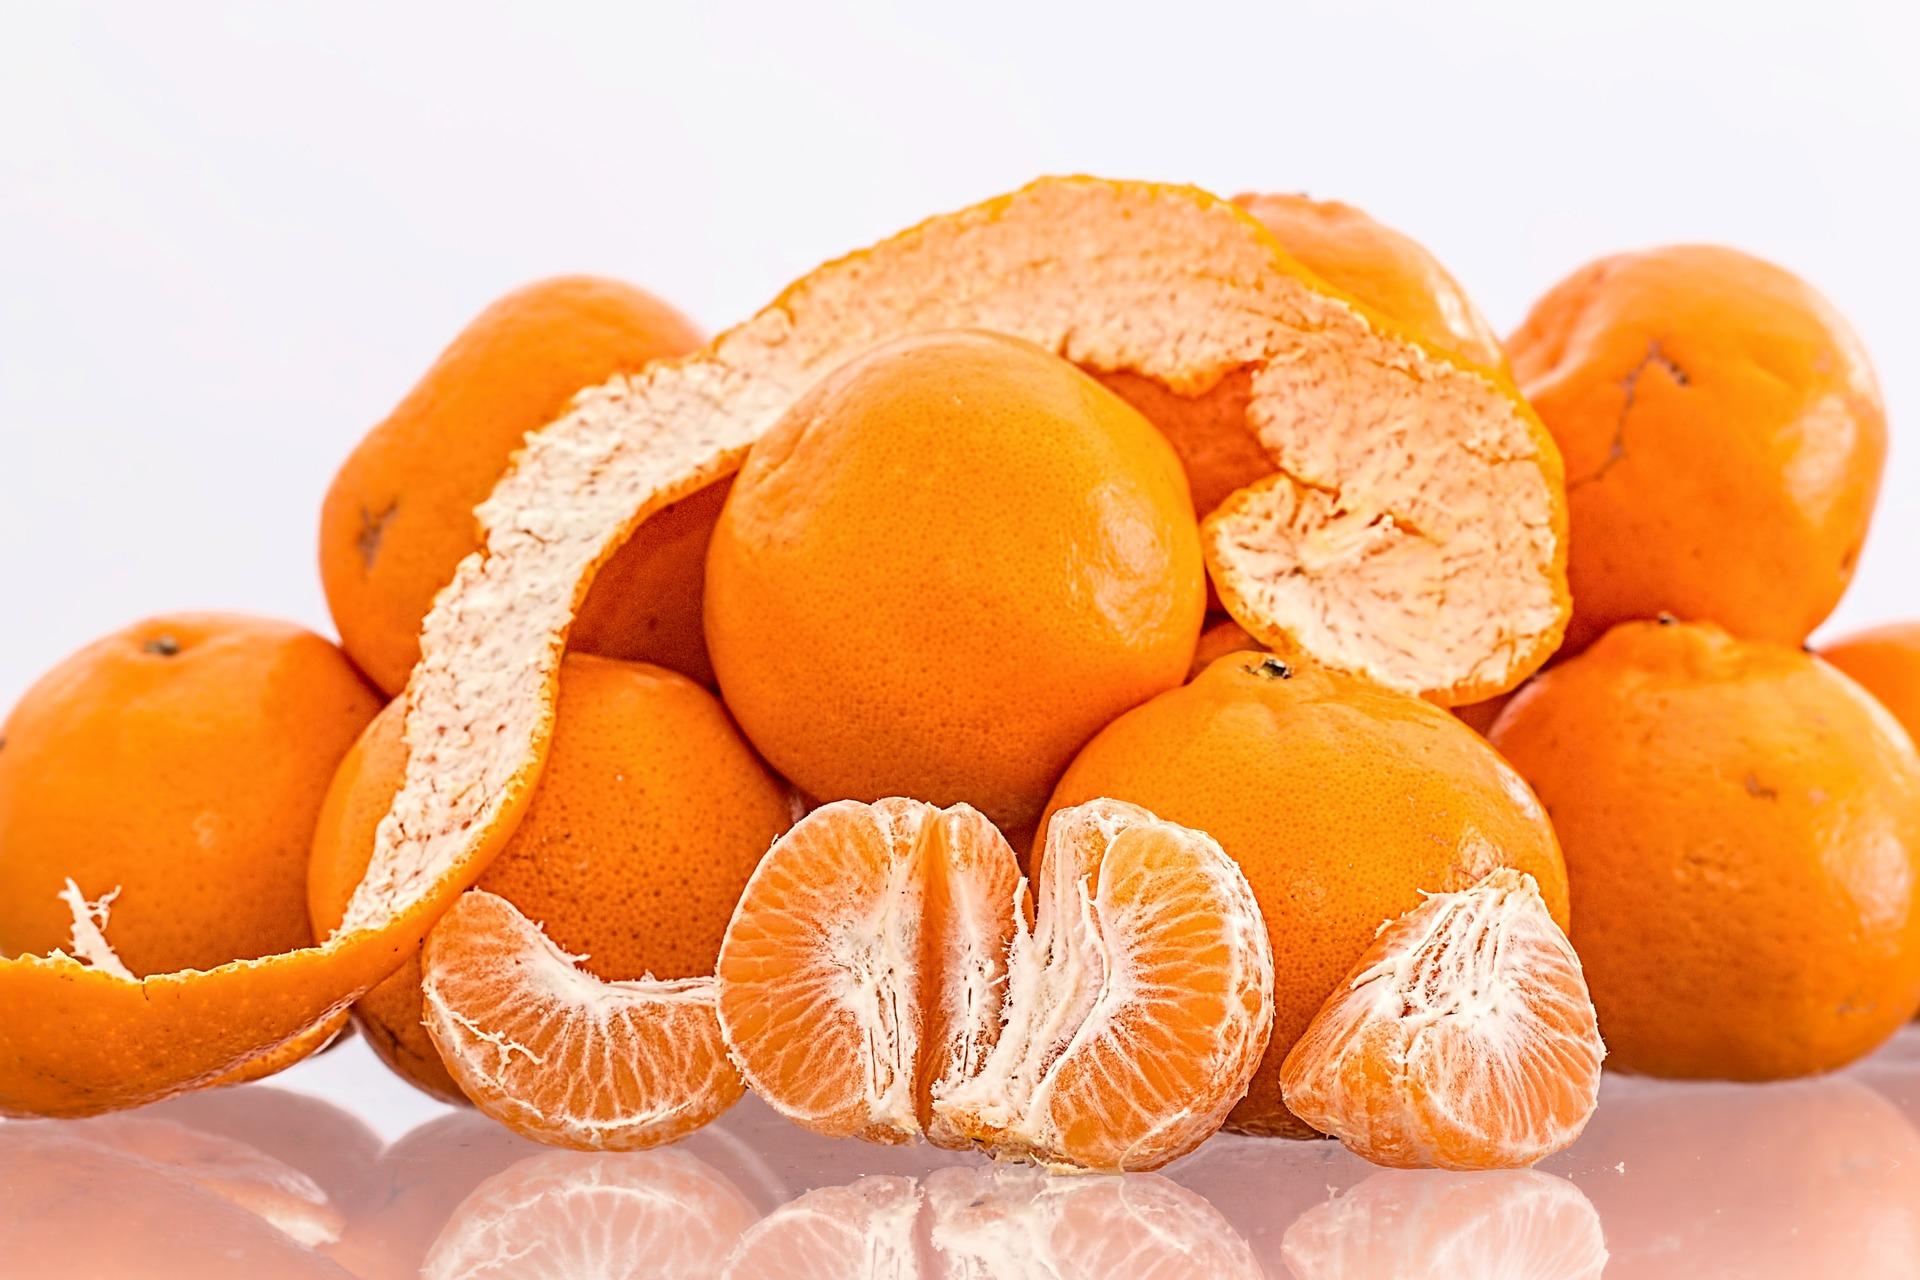 Oranges, high in vitamin c